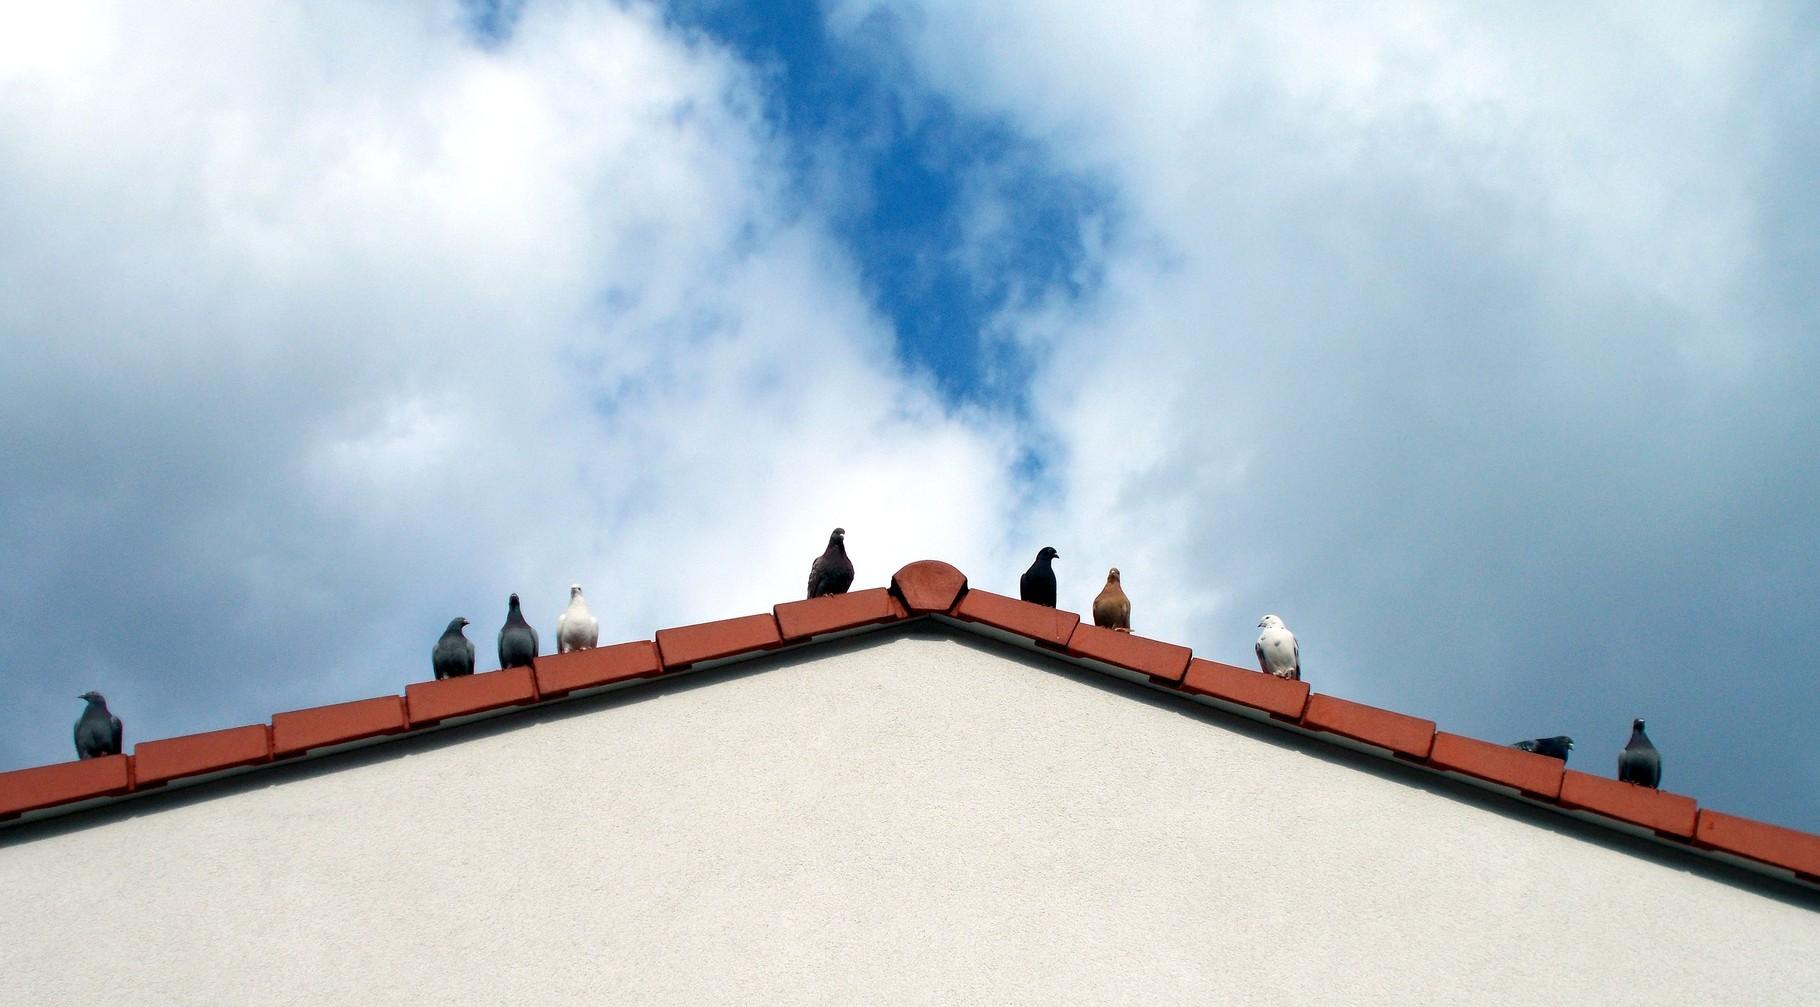 wir haben ein Dach unter den Füßen und über dem Kopf